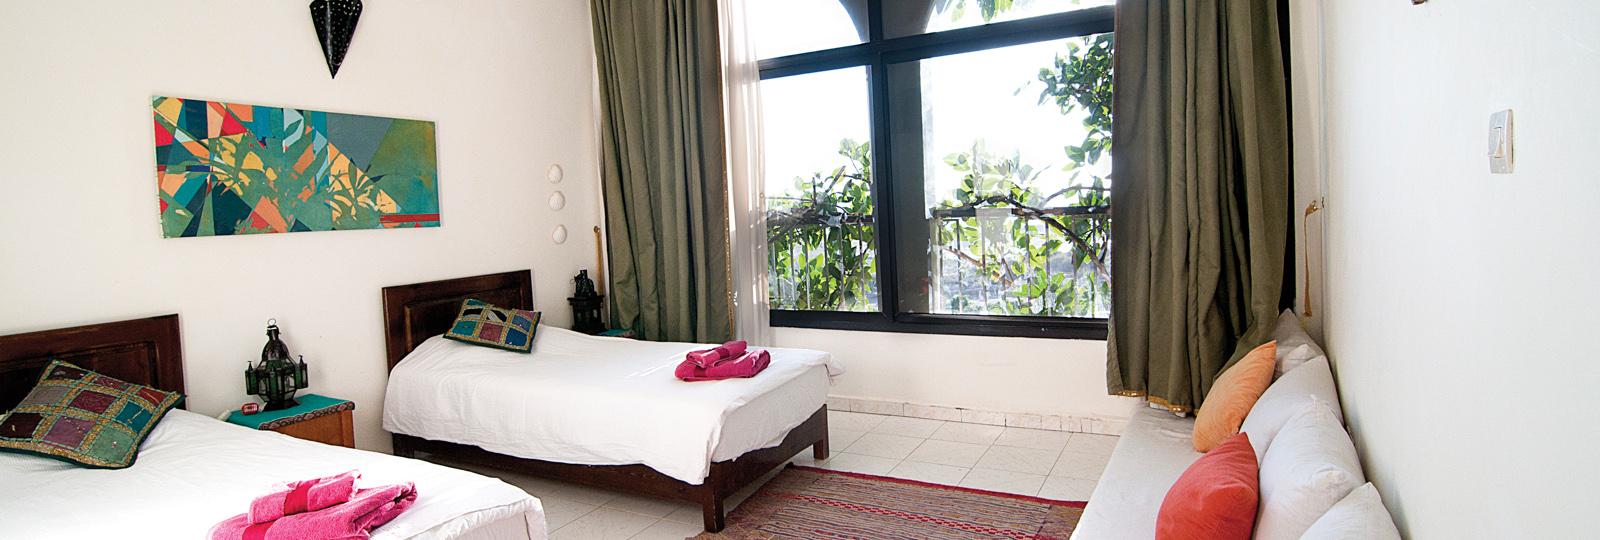 morocco-yoga-retreat-room-1.jpg